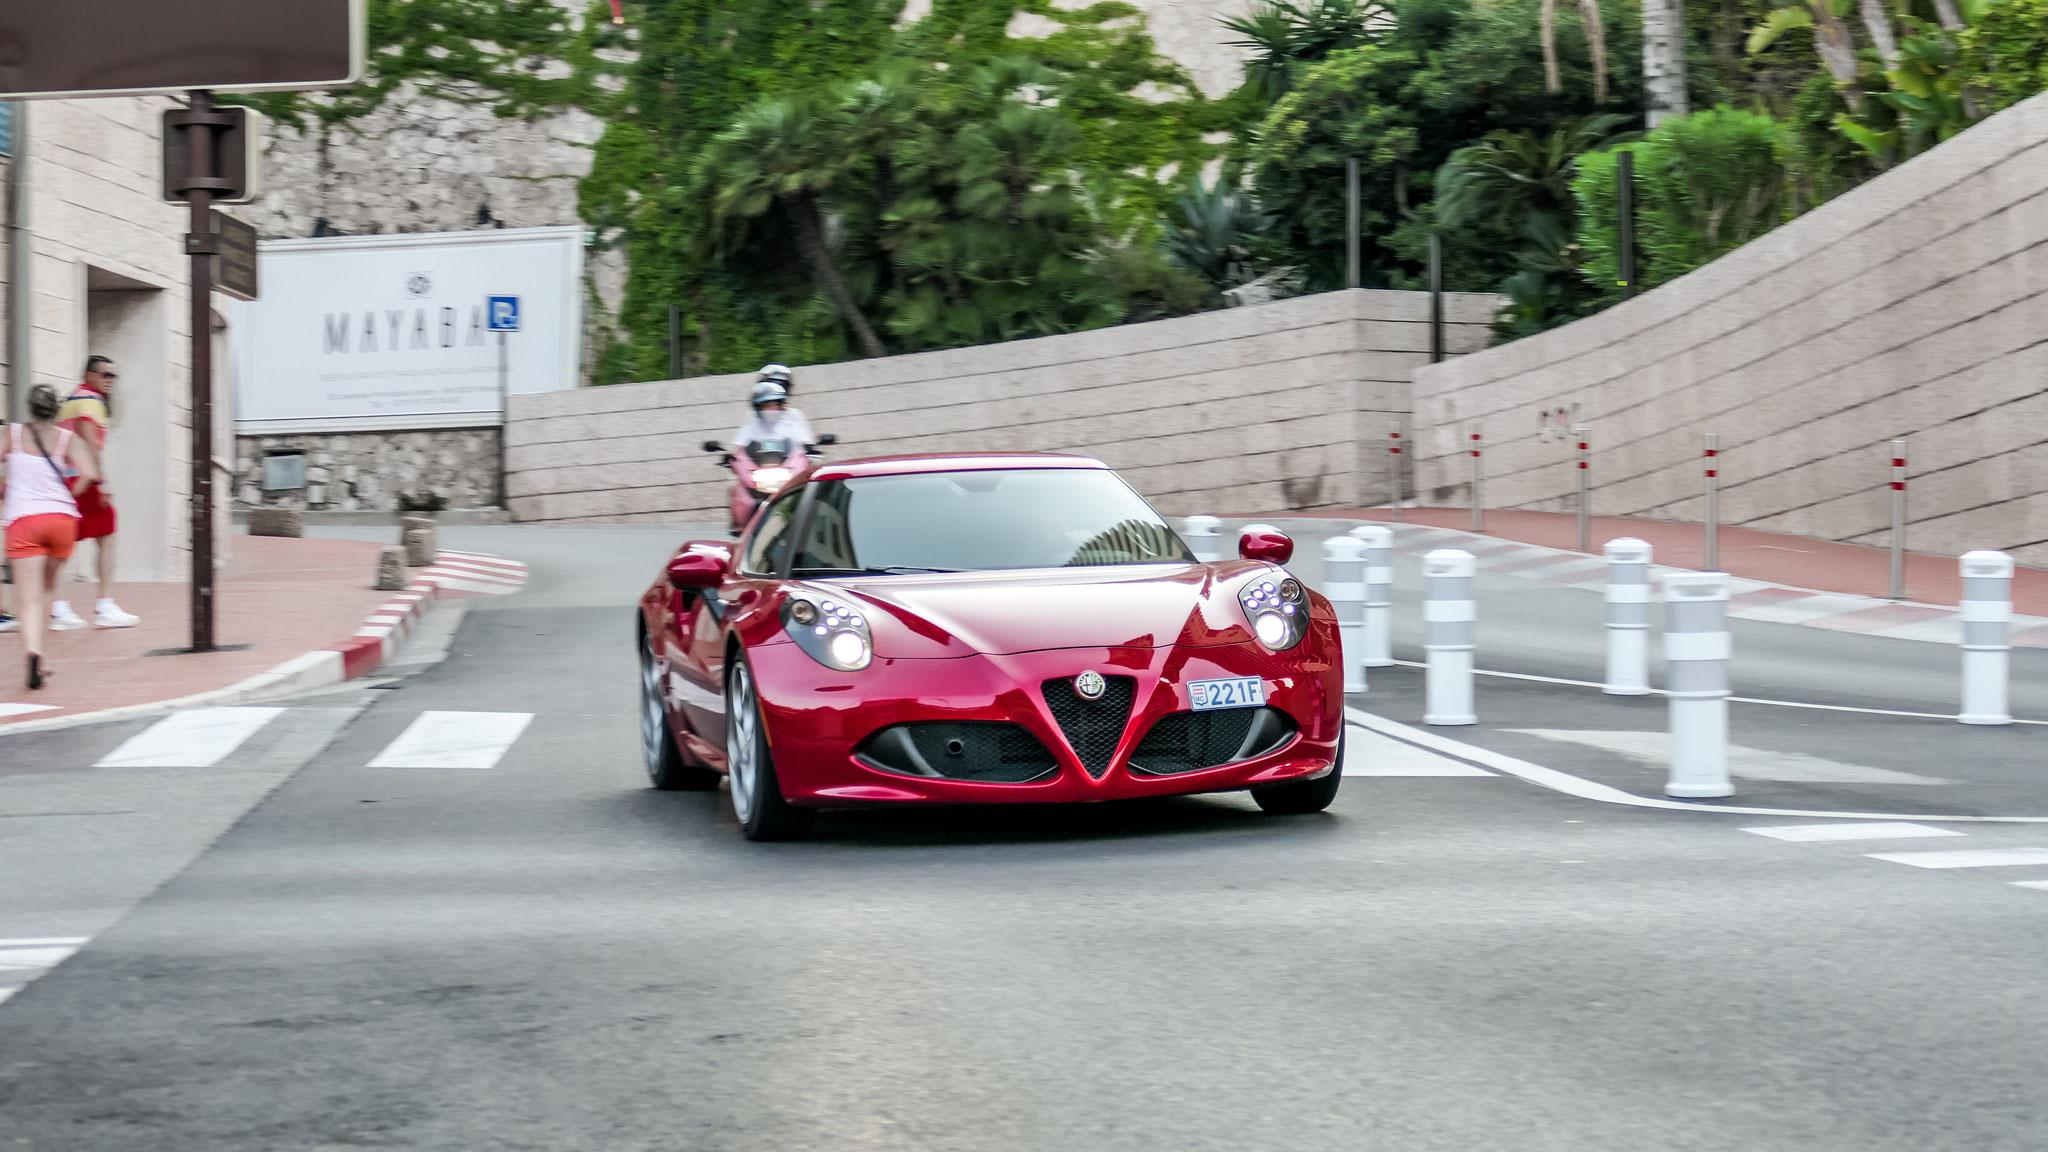 Alfa Romeo 4C - 221F (MC)